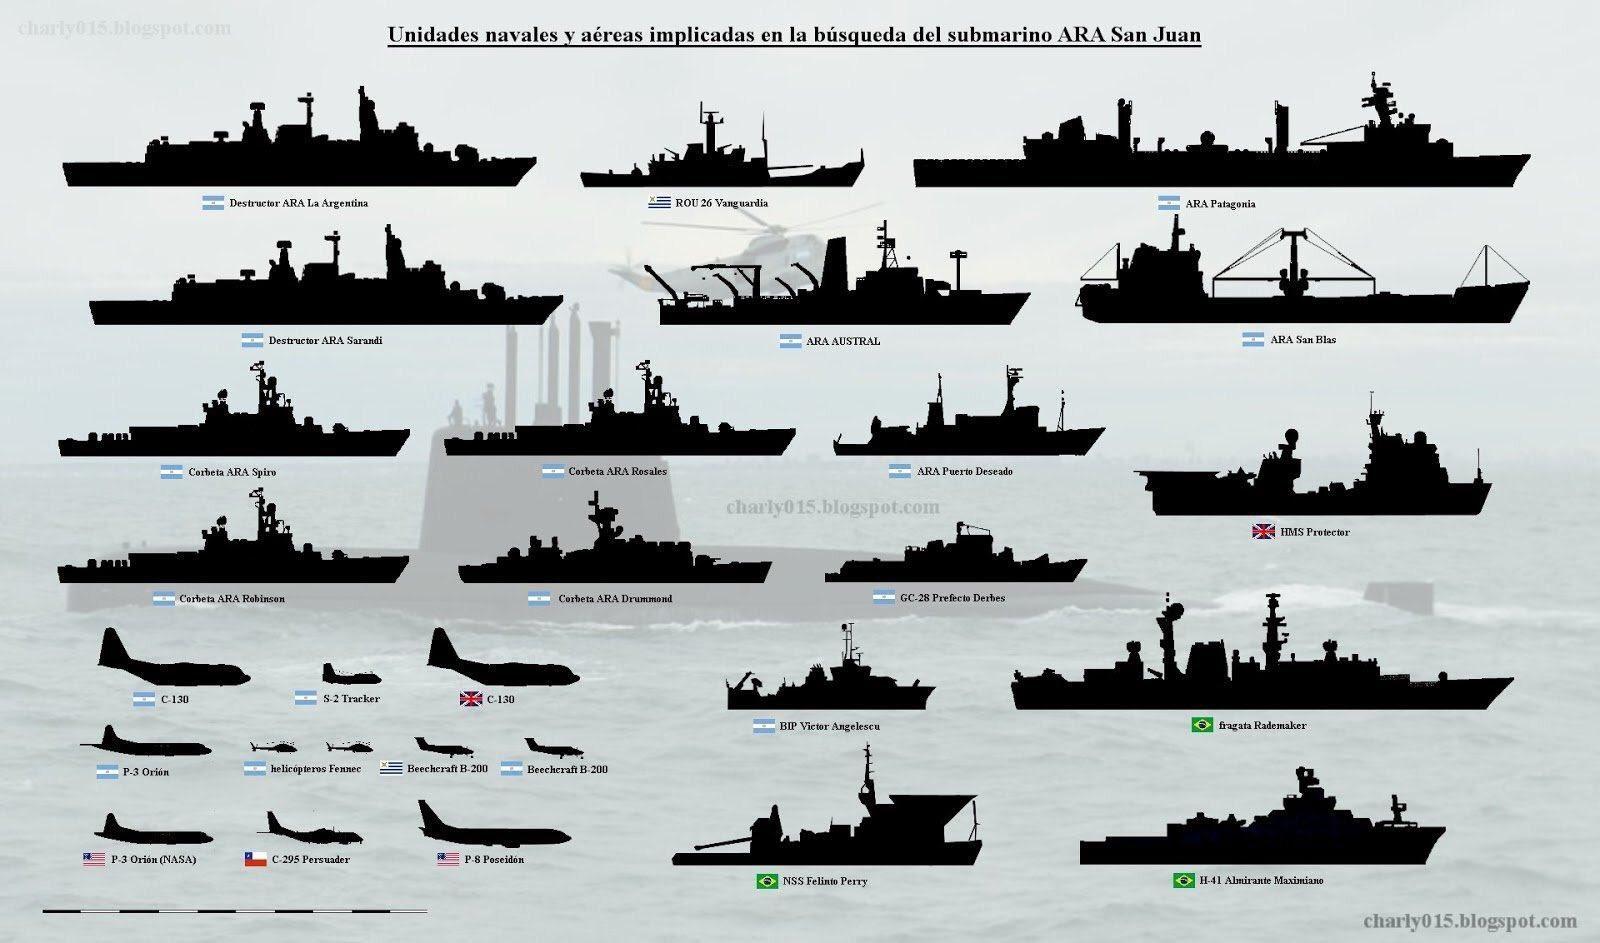 Se accidenta submarino argentino. Unidades%2Bempleadas%2Ben%2Bla%2Bbusqueda%2Bdel%2BSubmarino%2BARA%2BSAn%2Bjuan